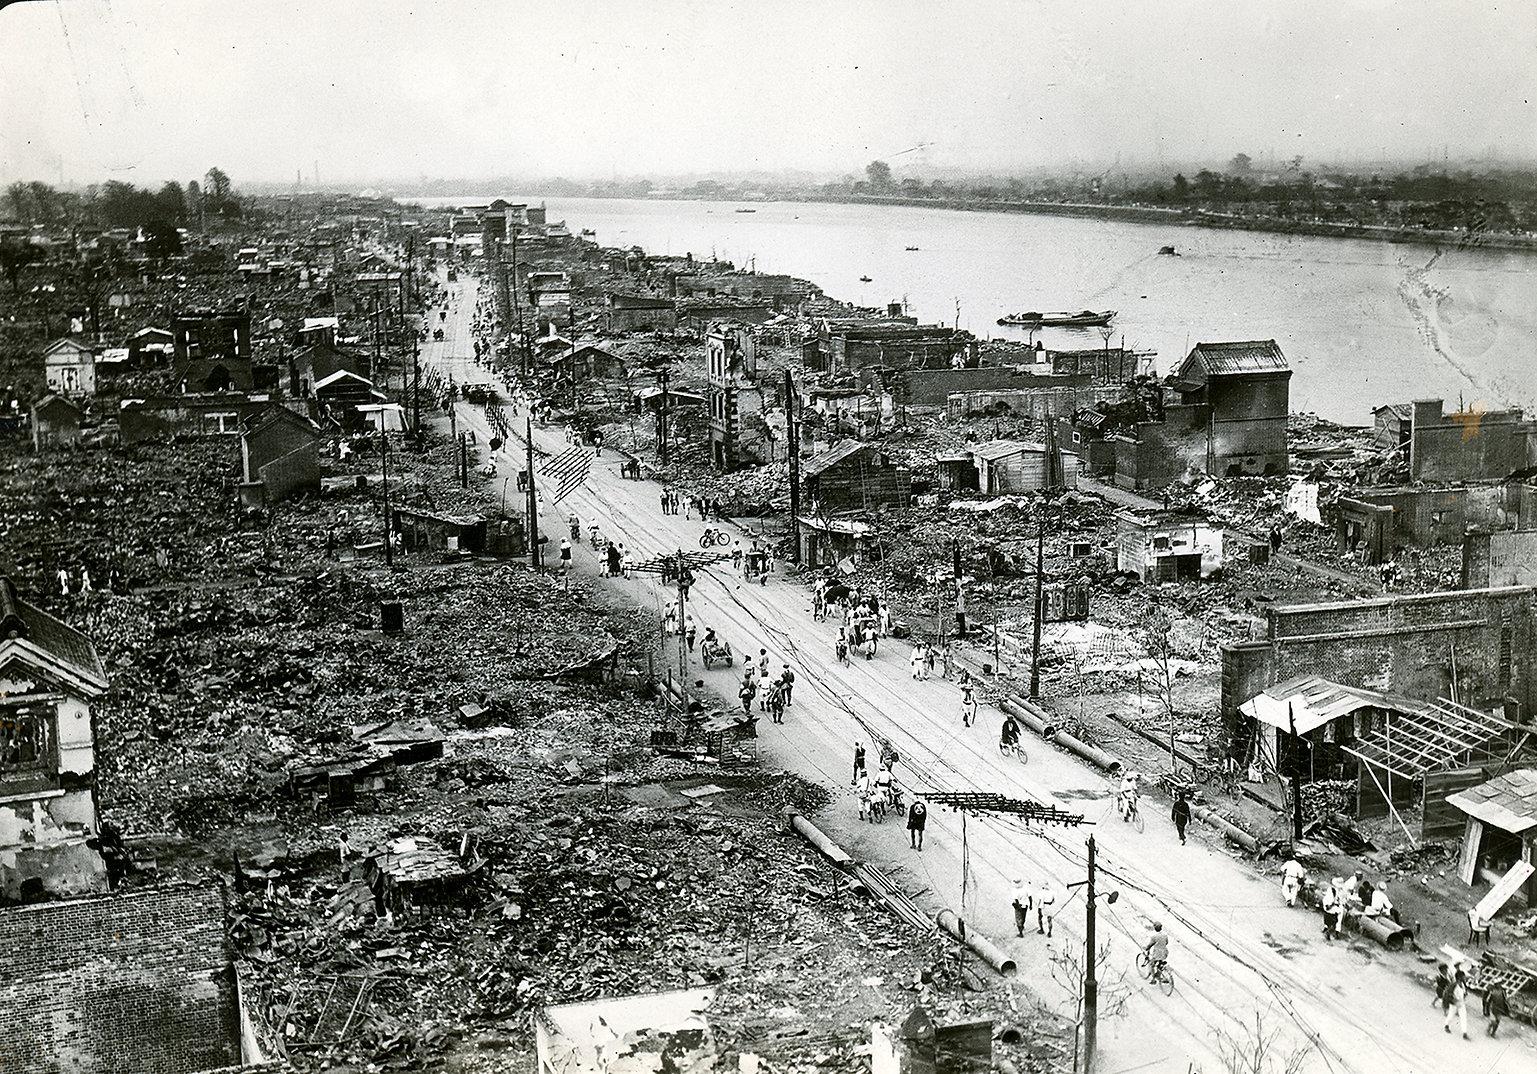 Damage-Tokyo-Yokohama-earthquake-1923.jp